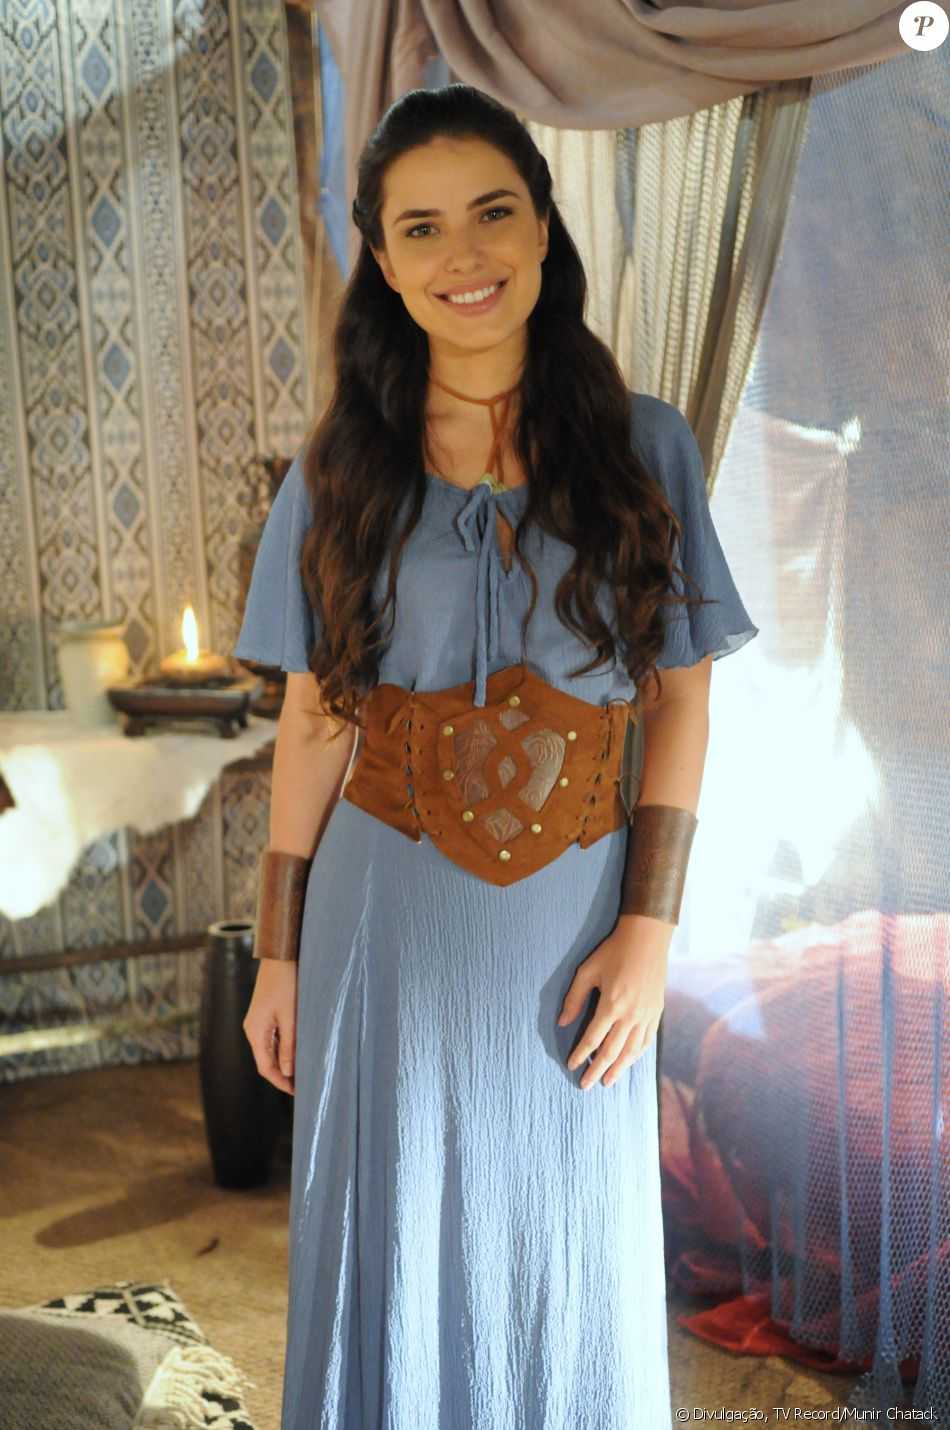 Aruna (Thais Melchior) é irmã de criação de Samara (Paloma Bernardi), mas desprezada pela mãe adotiva, Léia (Beth Goulart). A jovem se apaixona por Josué (Sidney Sampaio), na novela 'A Terra Prometida'